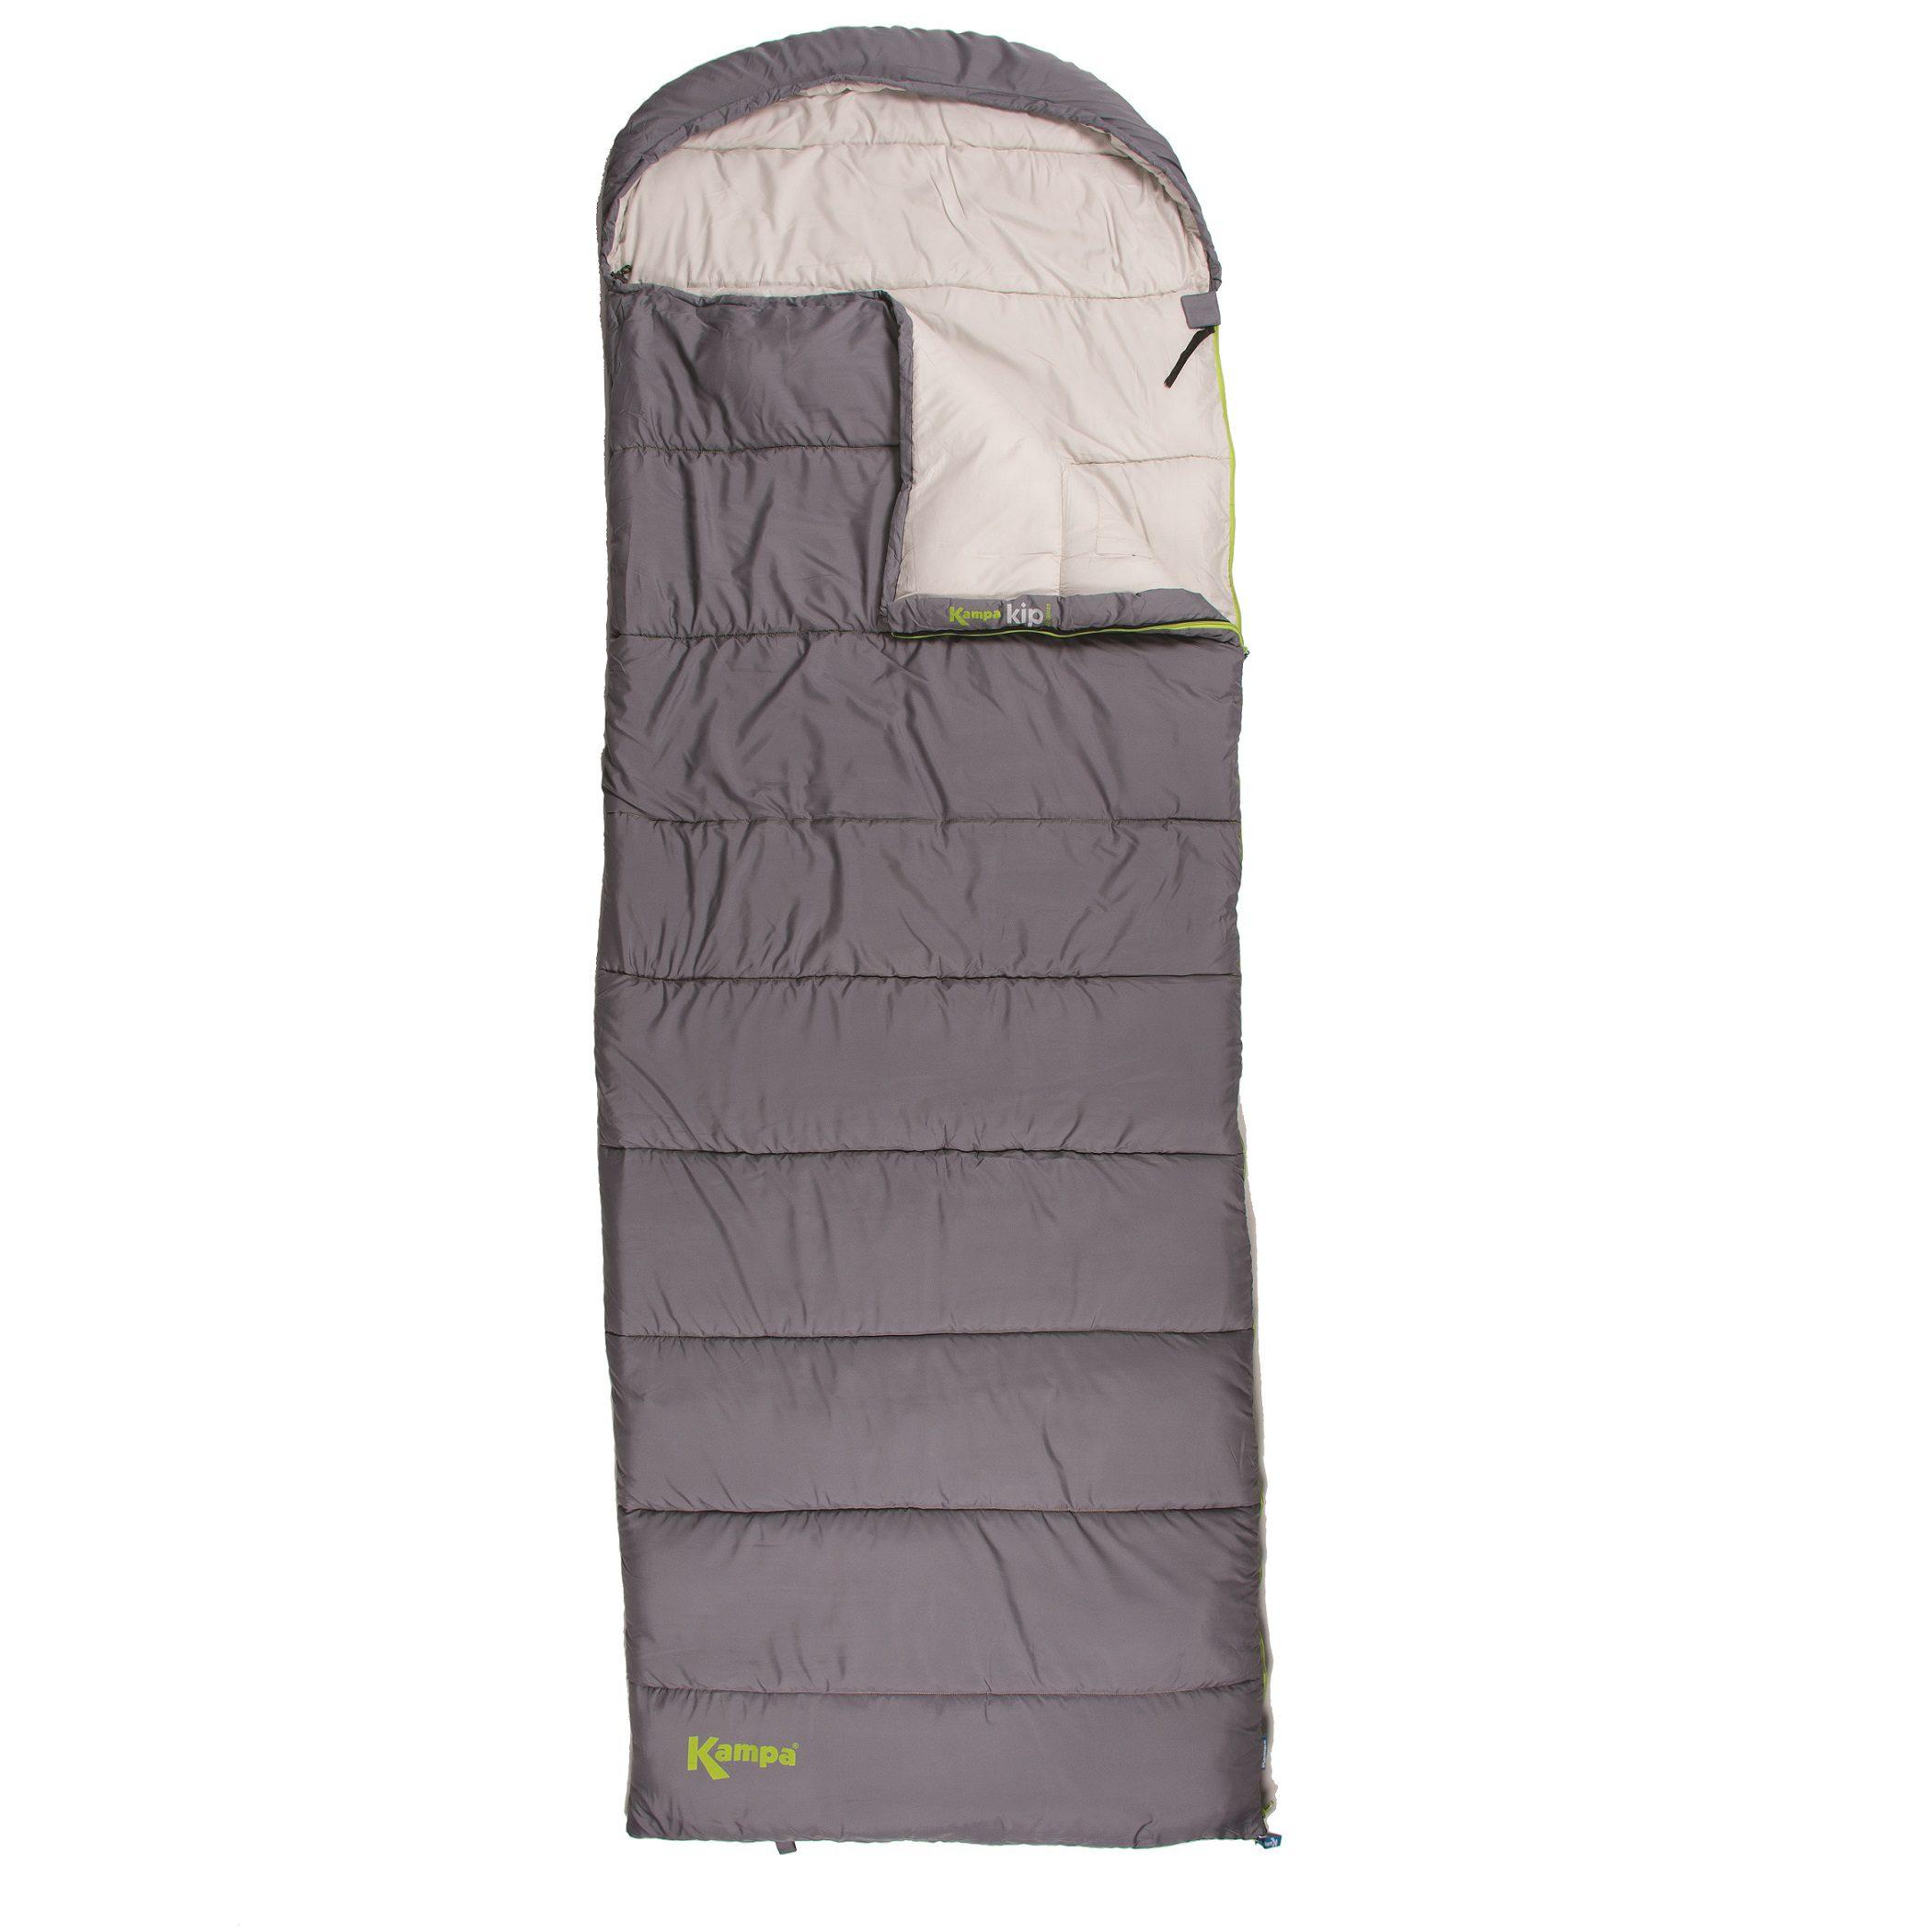 Kampa Kip Zenith XL Sleeping Bag 2016 - SB0015